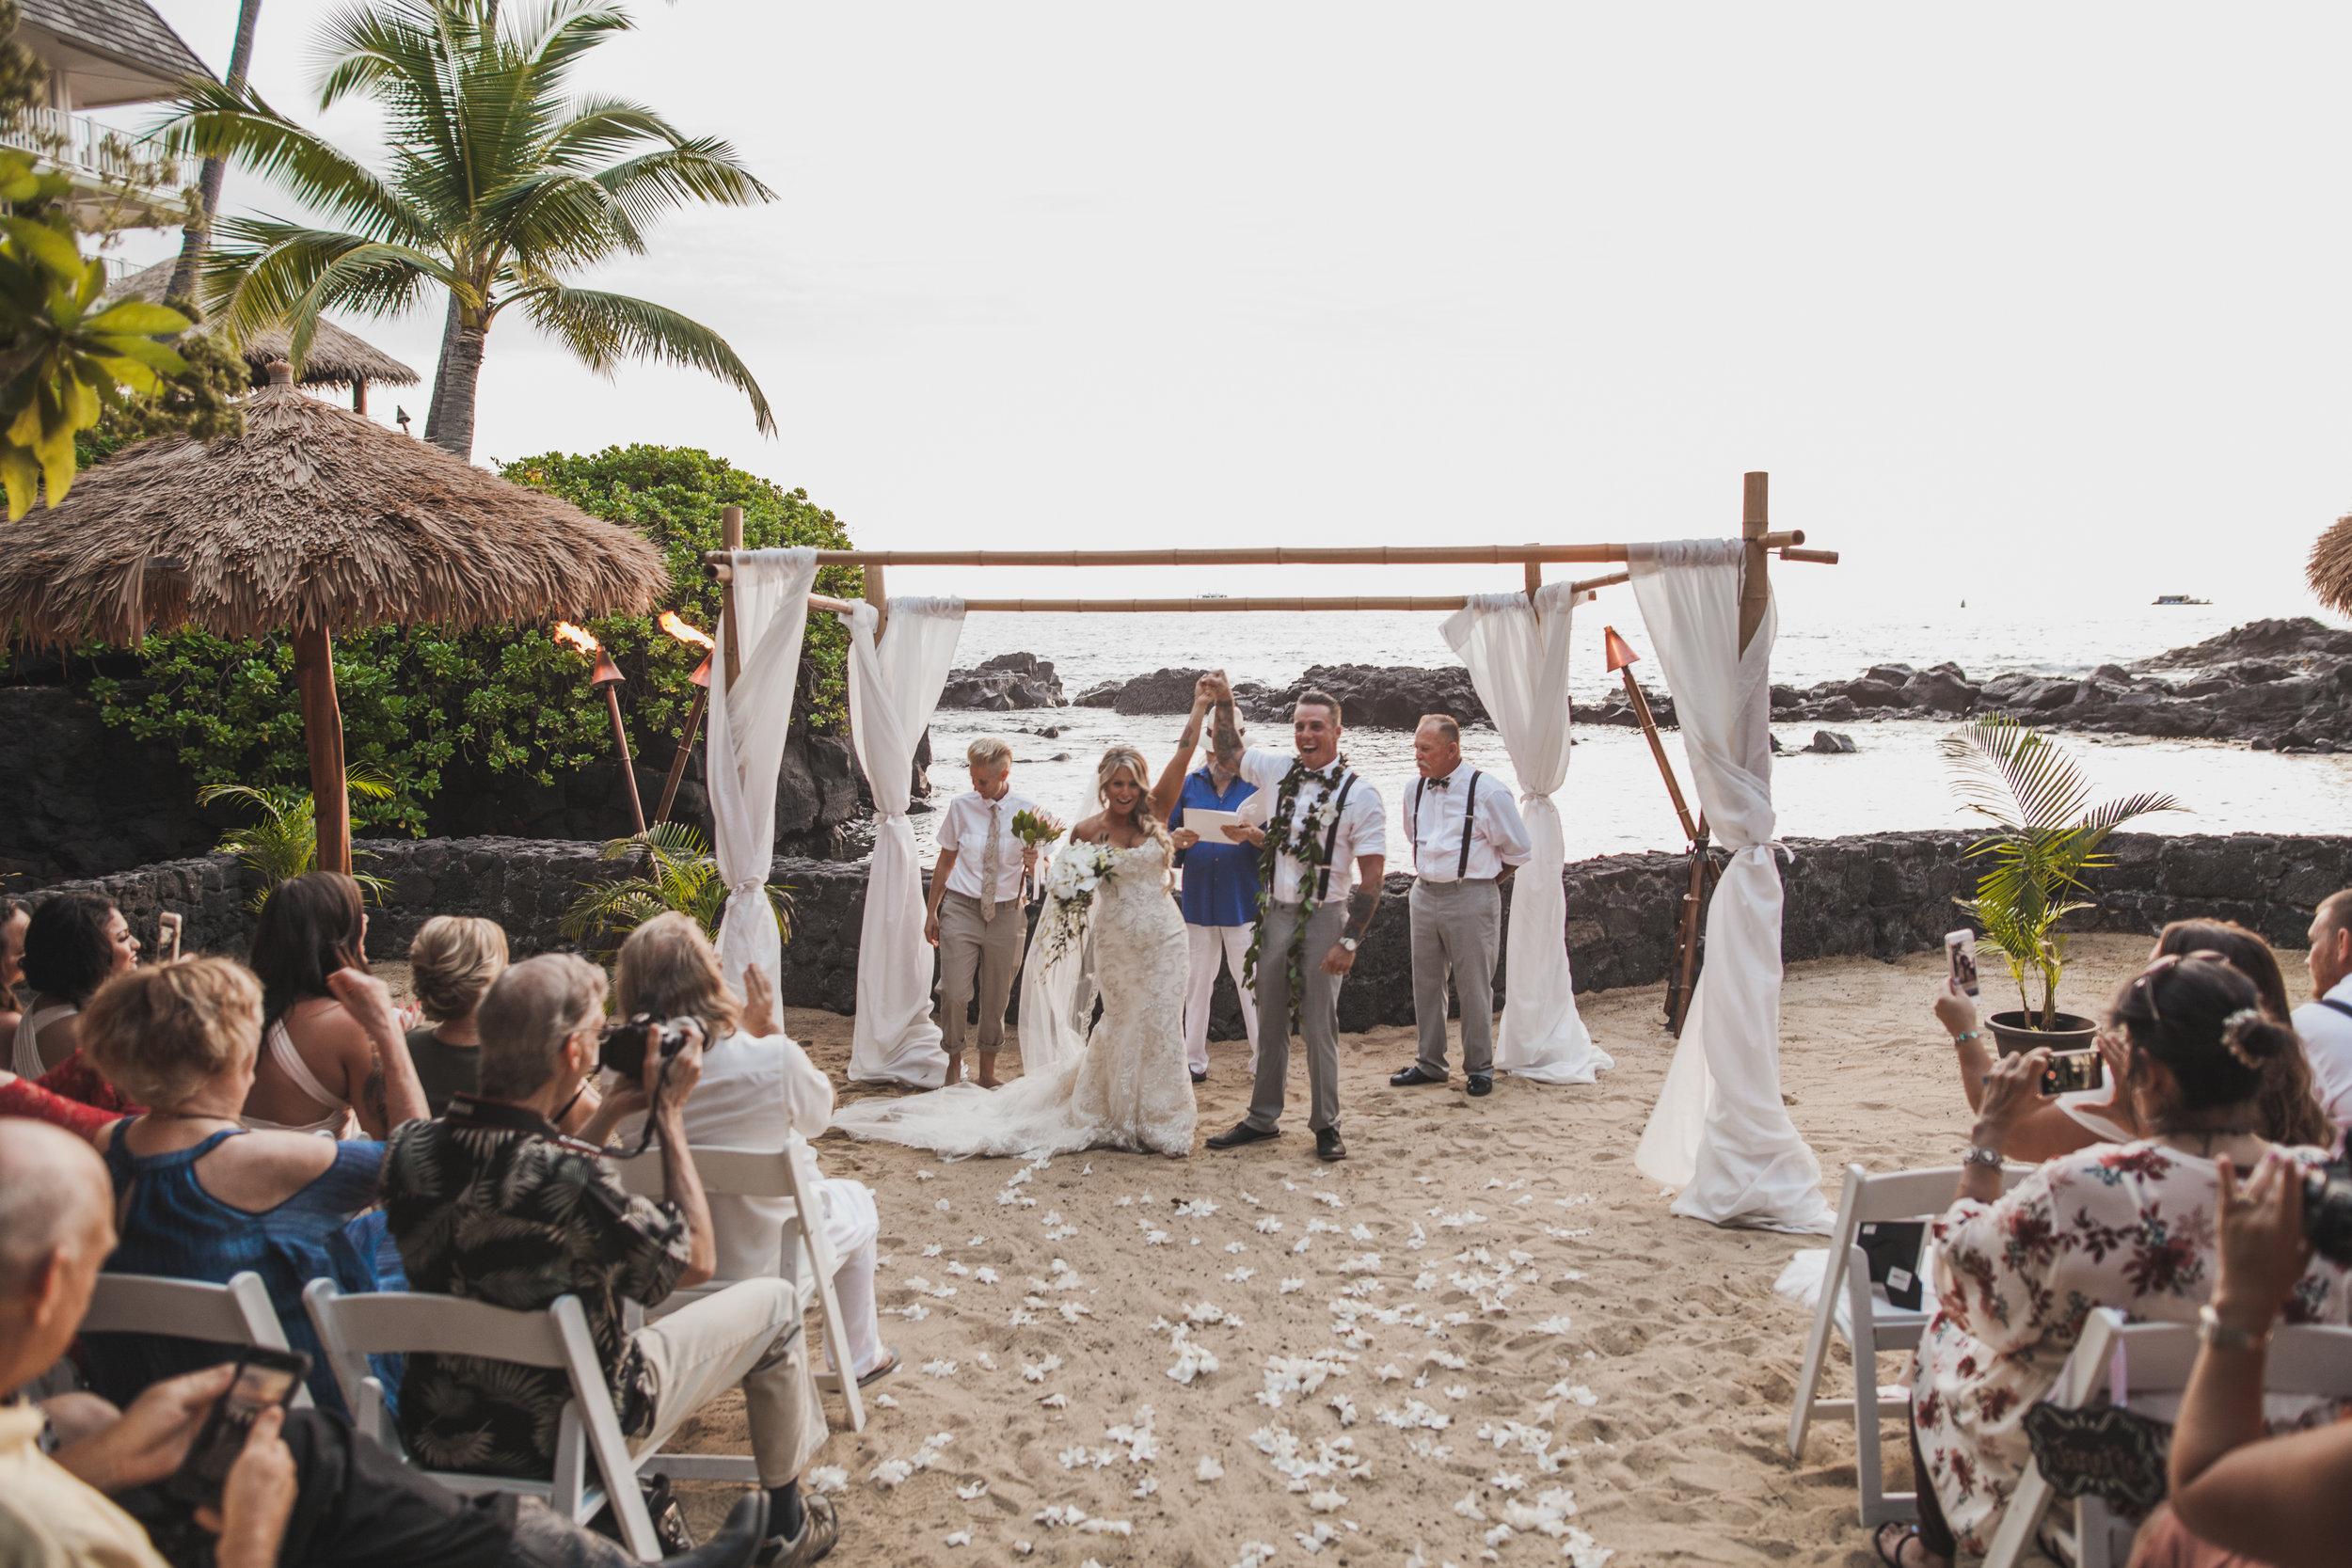 big island hawaii royal kona resort wedding kelilina photography 20171021174629-1.jpg